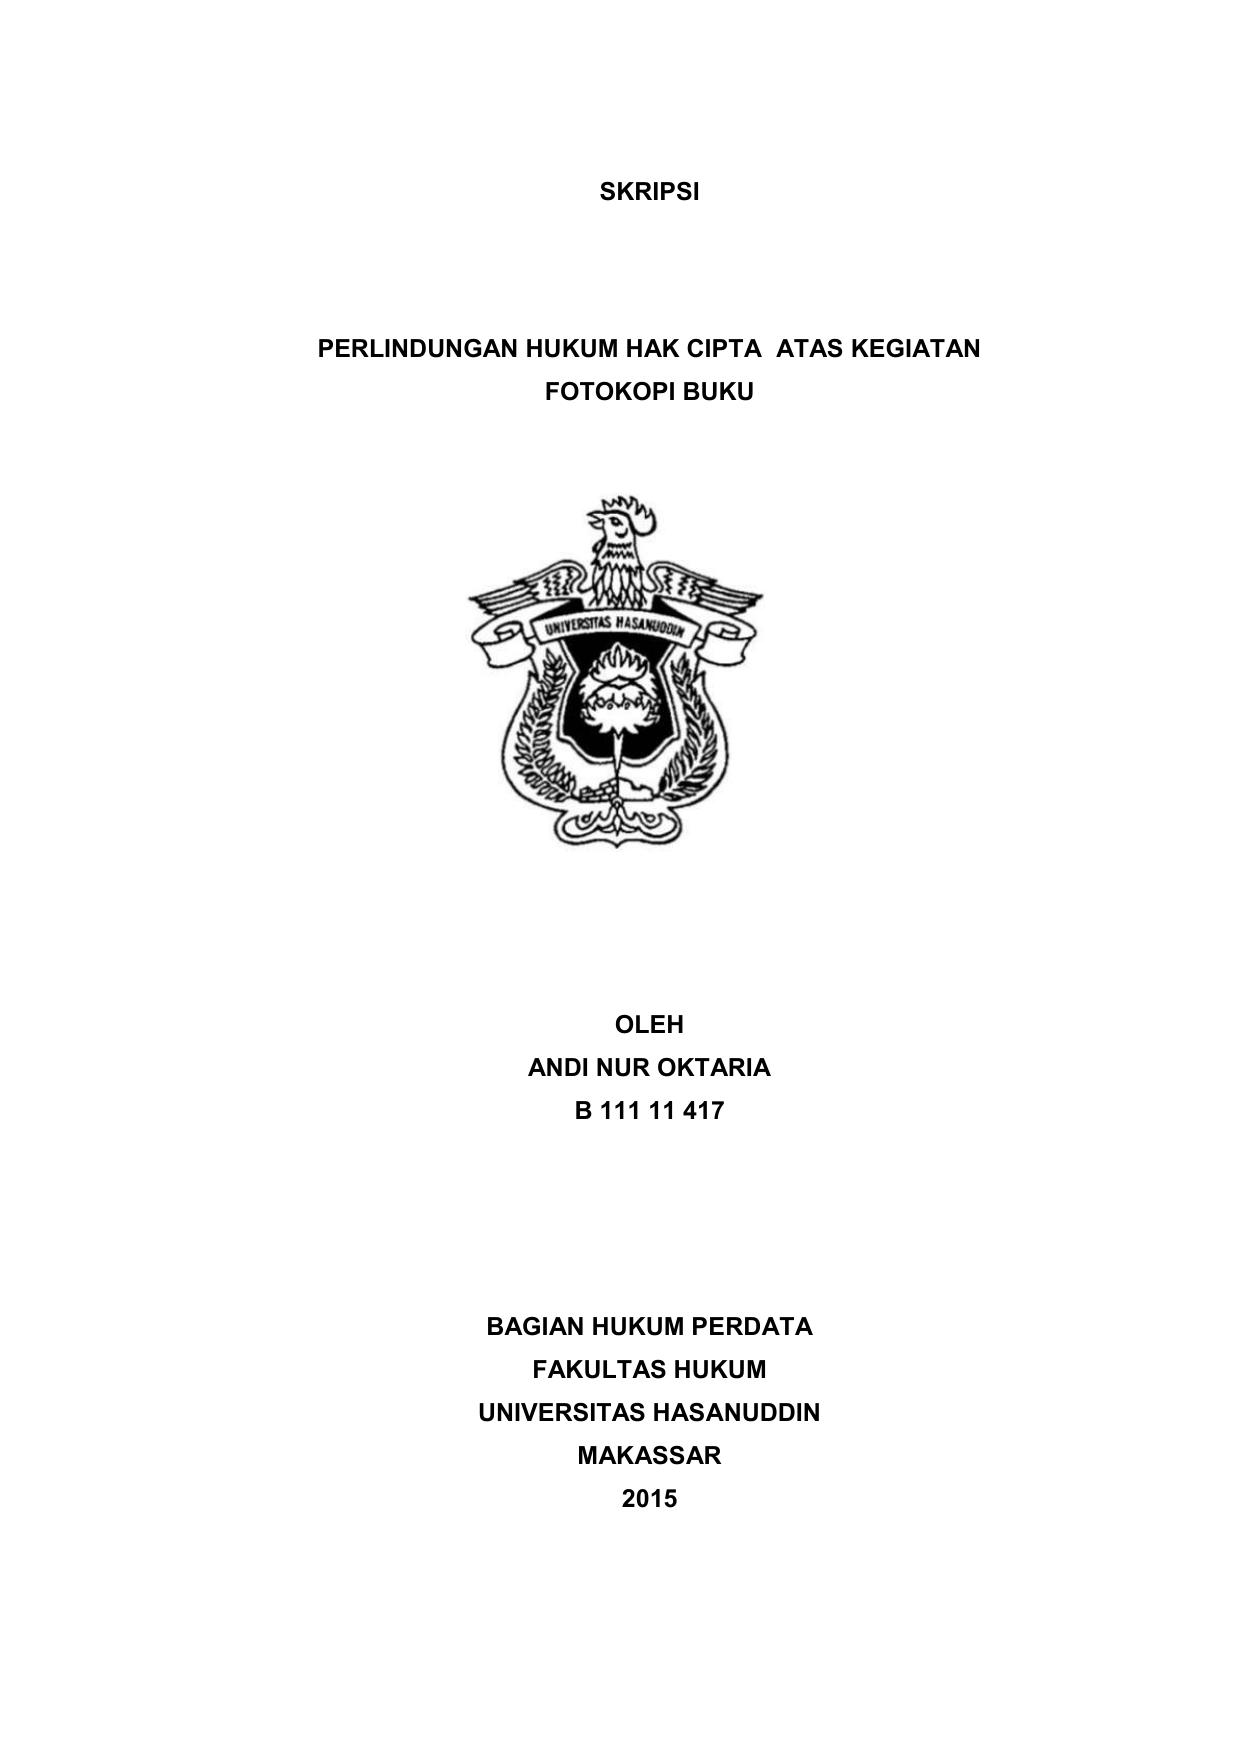 Skripsi Perlindungan Hukum Hak Cipta Atas Kegiatan Fotokopi Buku